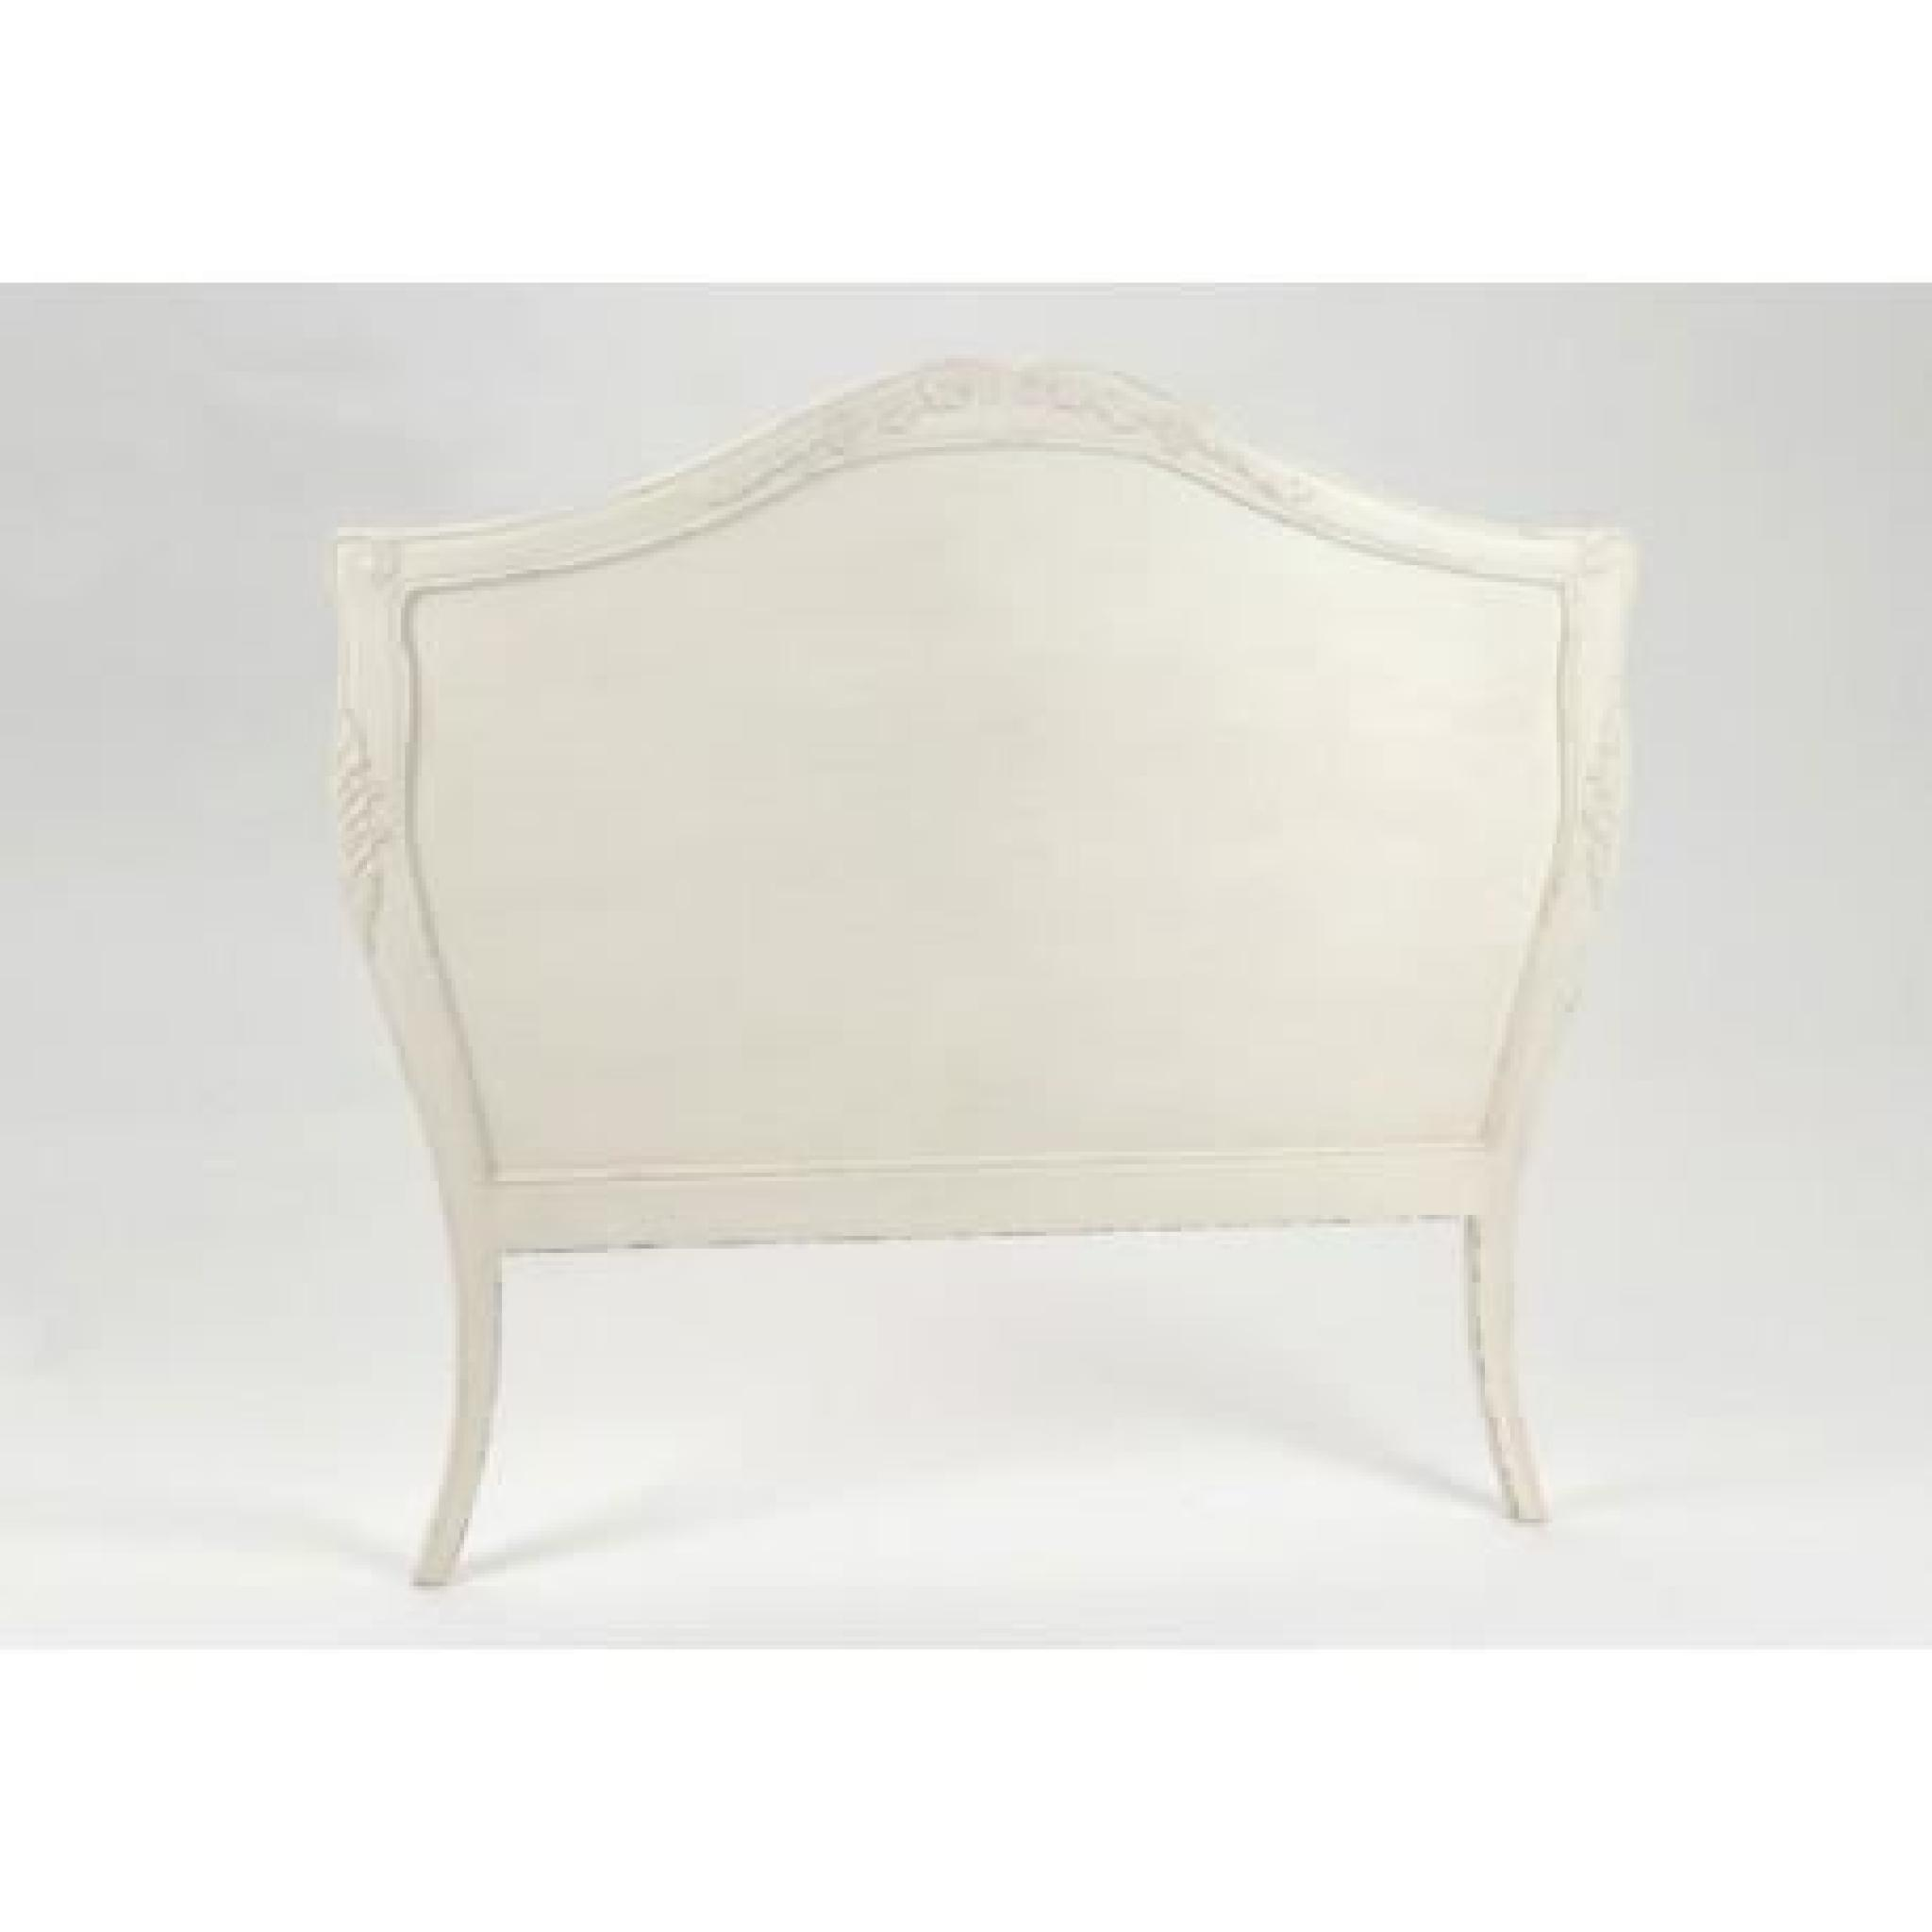 t te de lit en bois vieillie blanc antique 100 cm comtesse amadeus achat vente tete de lit pas. Black Bedroom Furniture Sets. Home Design Ideas